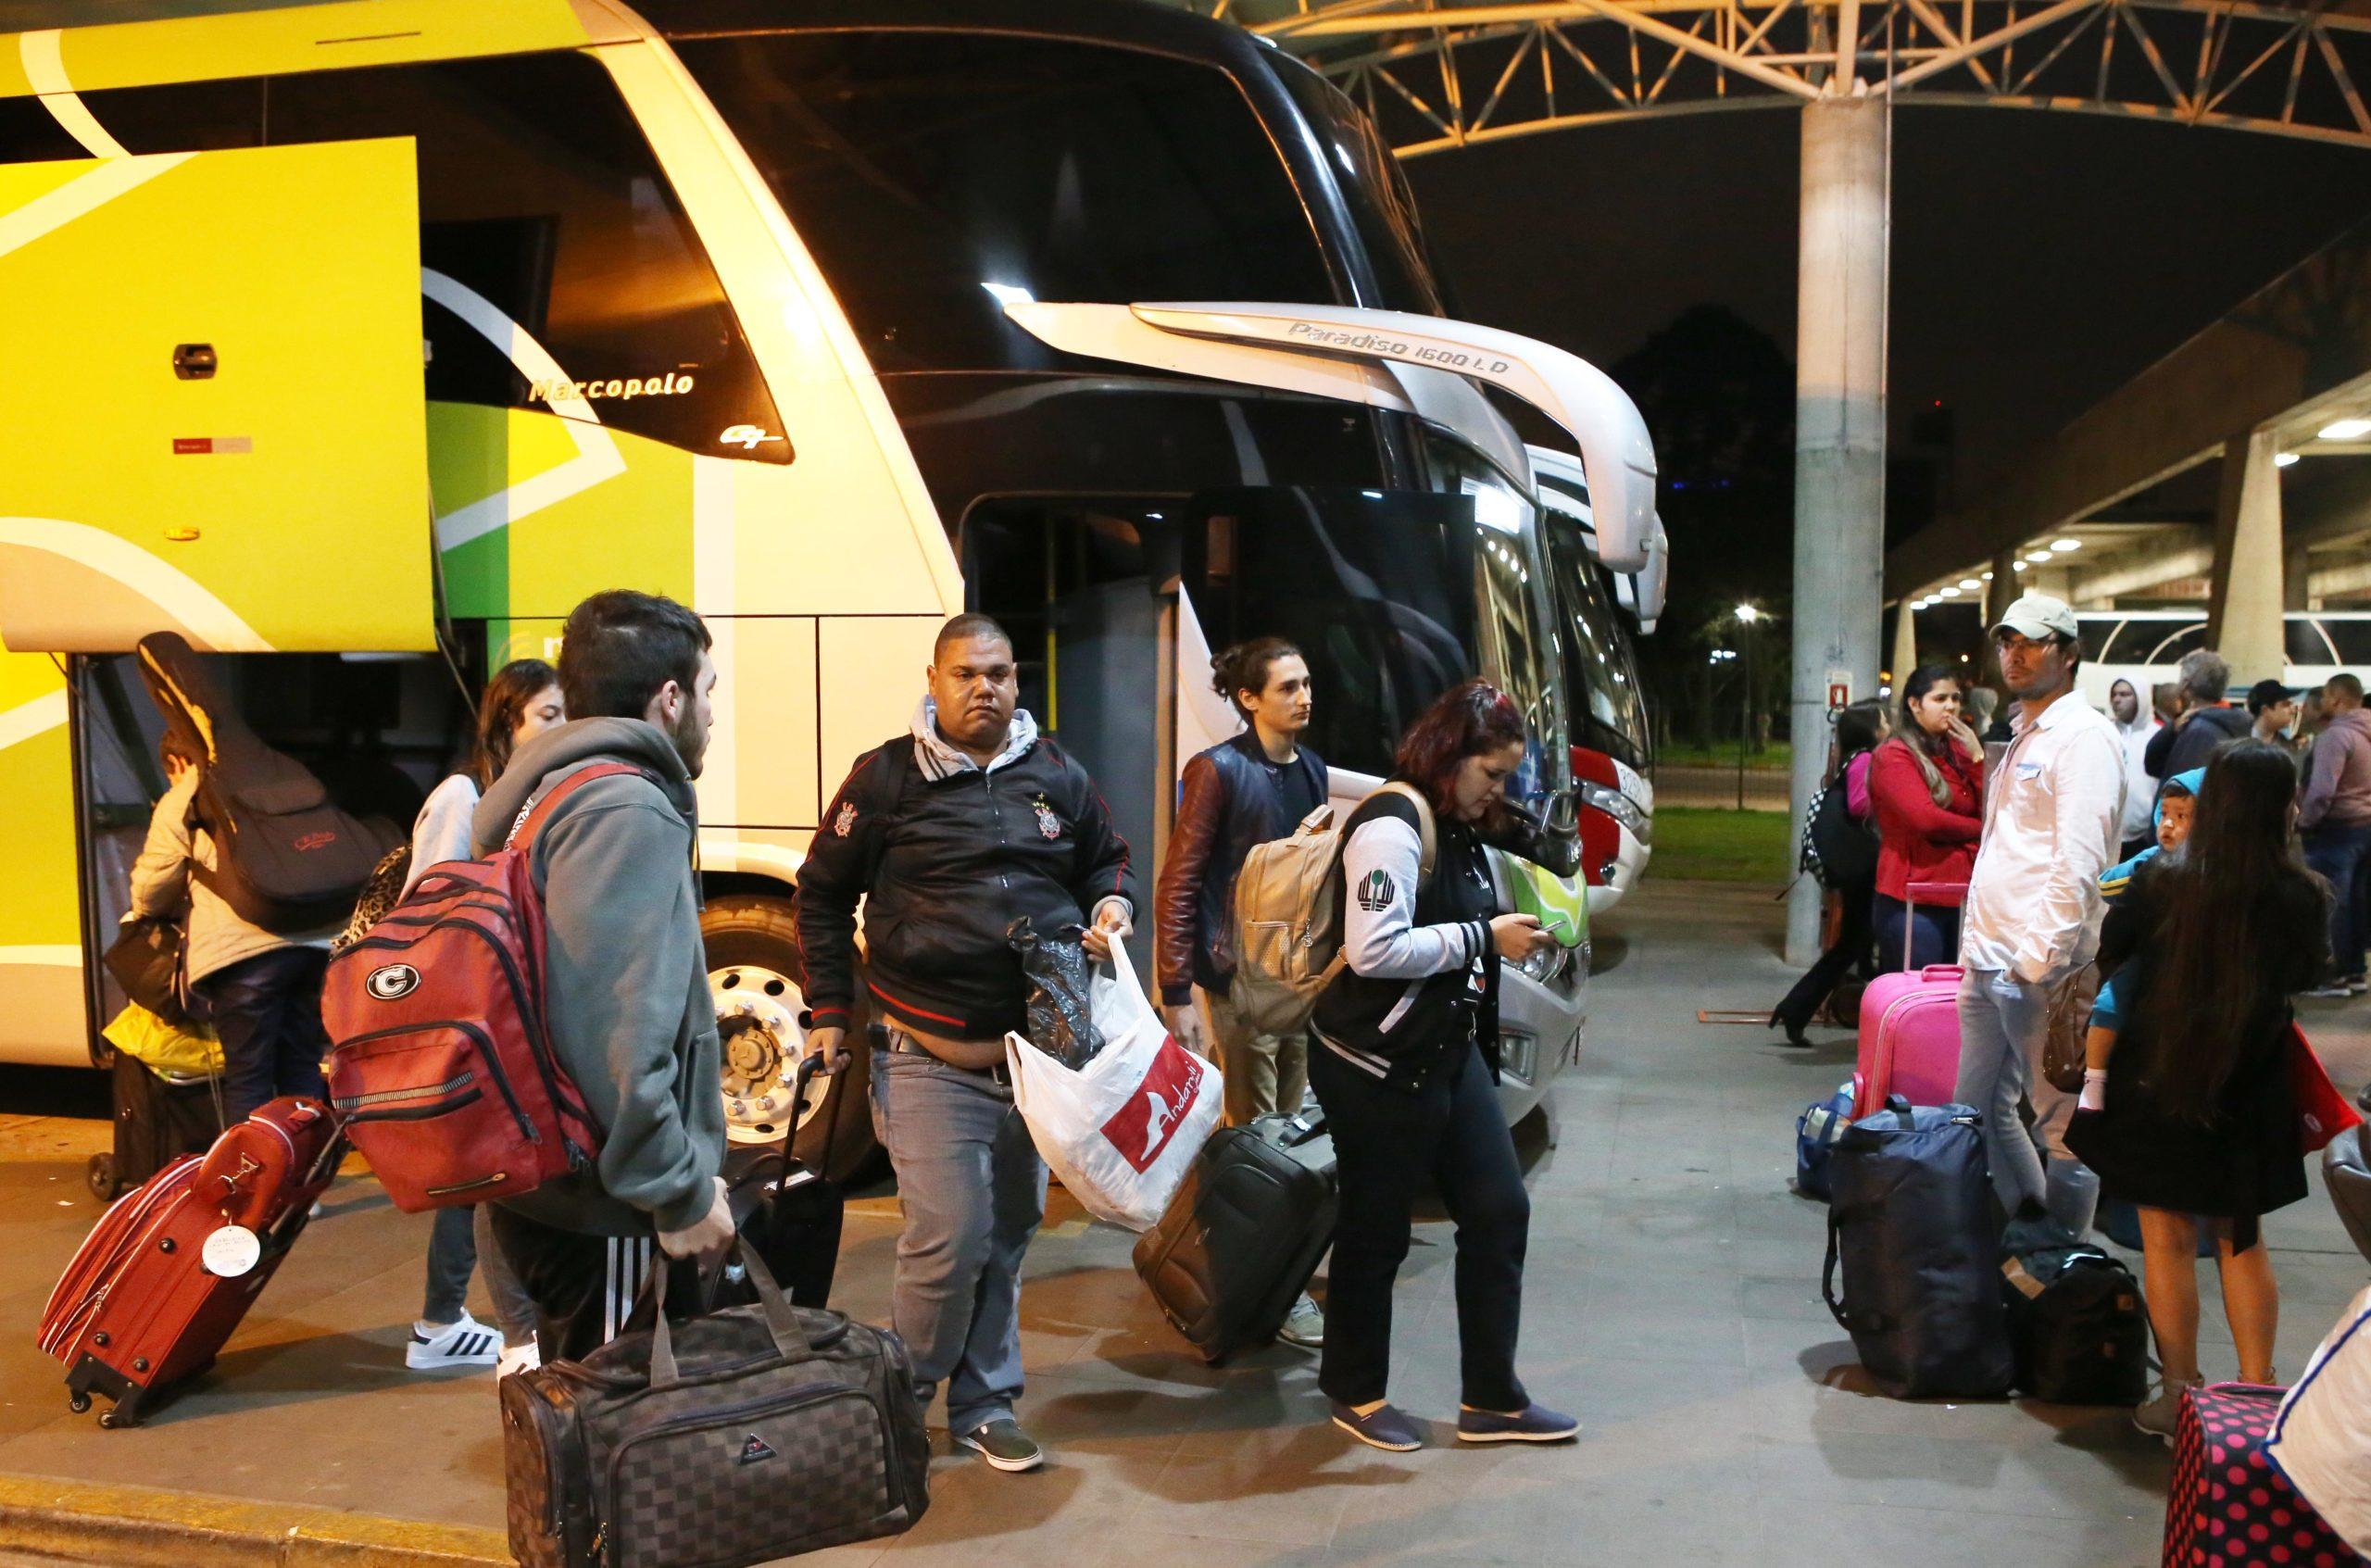 Como estão as viagens de ônibus rodoviário na pandemia?